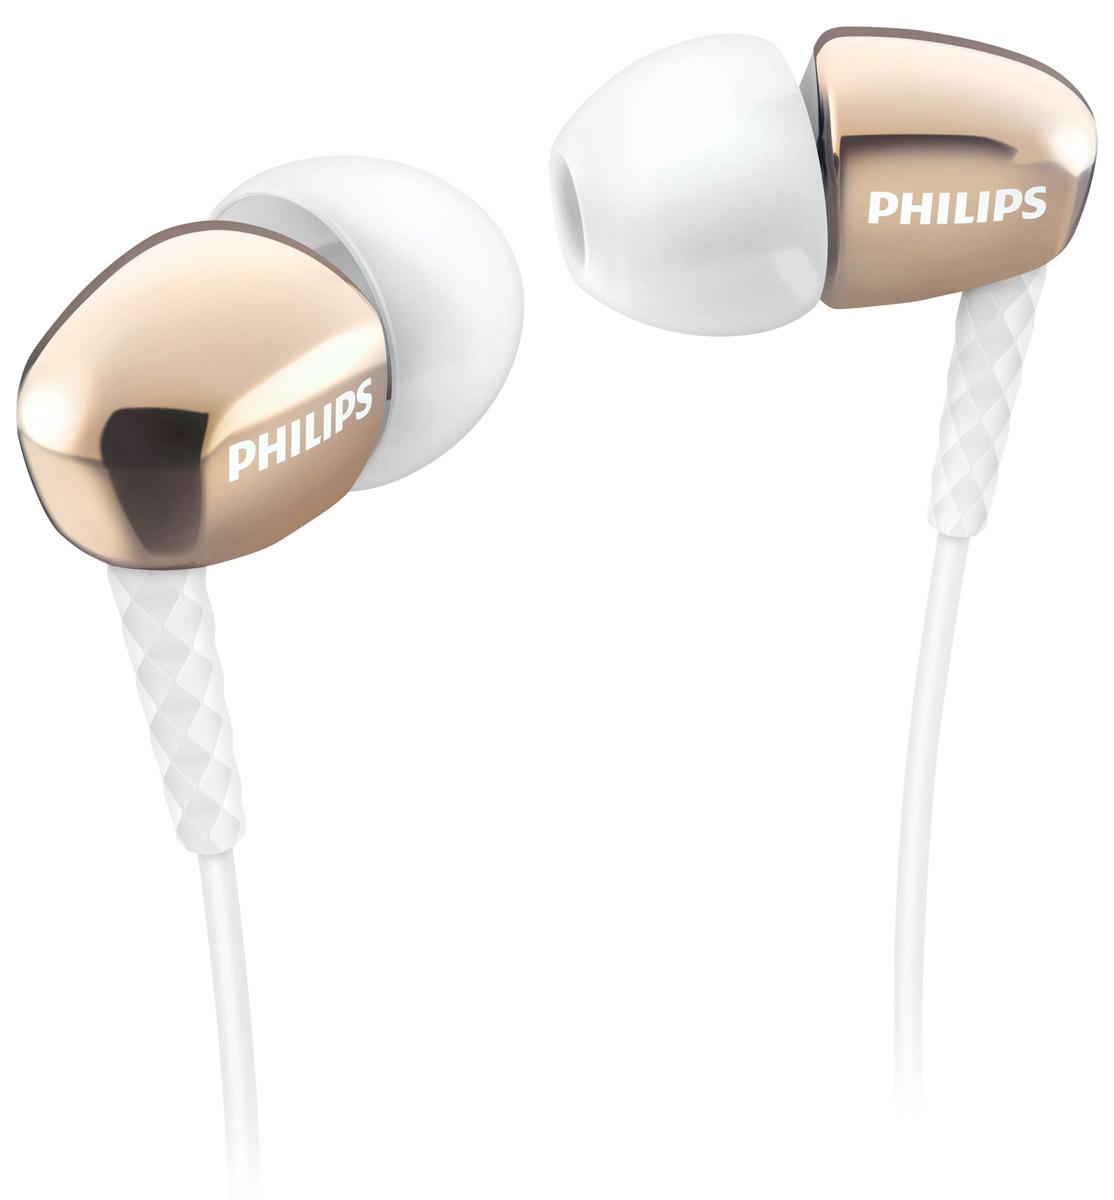 Philips SHE3900GD/51 наушники-вкладышиSHE3900GD/51Стильные и удобные наушники-вкладыши премиум-класса Philips SHE3900 обеспечивают превосходные басы. Качественные излучатели воспроизводят мощный звук. Насадки 3 размеров для овальных трубок гарантируют комфортную посадку и насыщенные басы. Корпус наушников выполнен с применением вакуумной металлизации, что придает им утонченный внешний вид.Маленькие, но эффективные излучатели обеспечивают плотное прилегание и чистый звук с мощными басами. Идеальны для наслаждения любимой музыкой.В комплект входят насадки 3 размеров (маленькие, средние и большие), чтобы вы могли выбрать подходящий вариант.Текстурированный фиксатор кабеля обеспечивает надежное и гибкое соединение между кабелем и штекером.